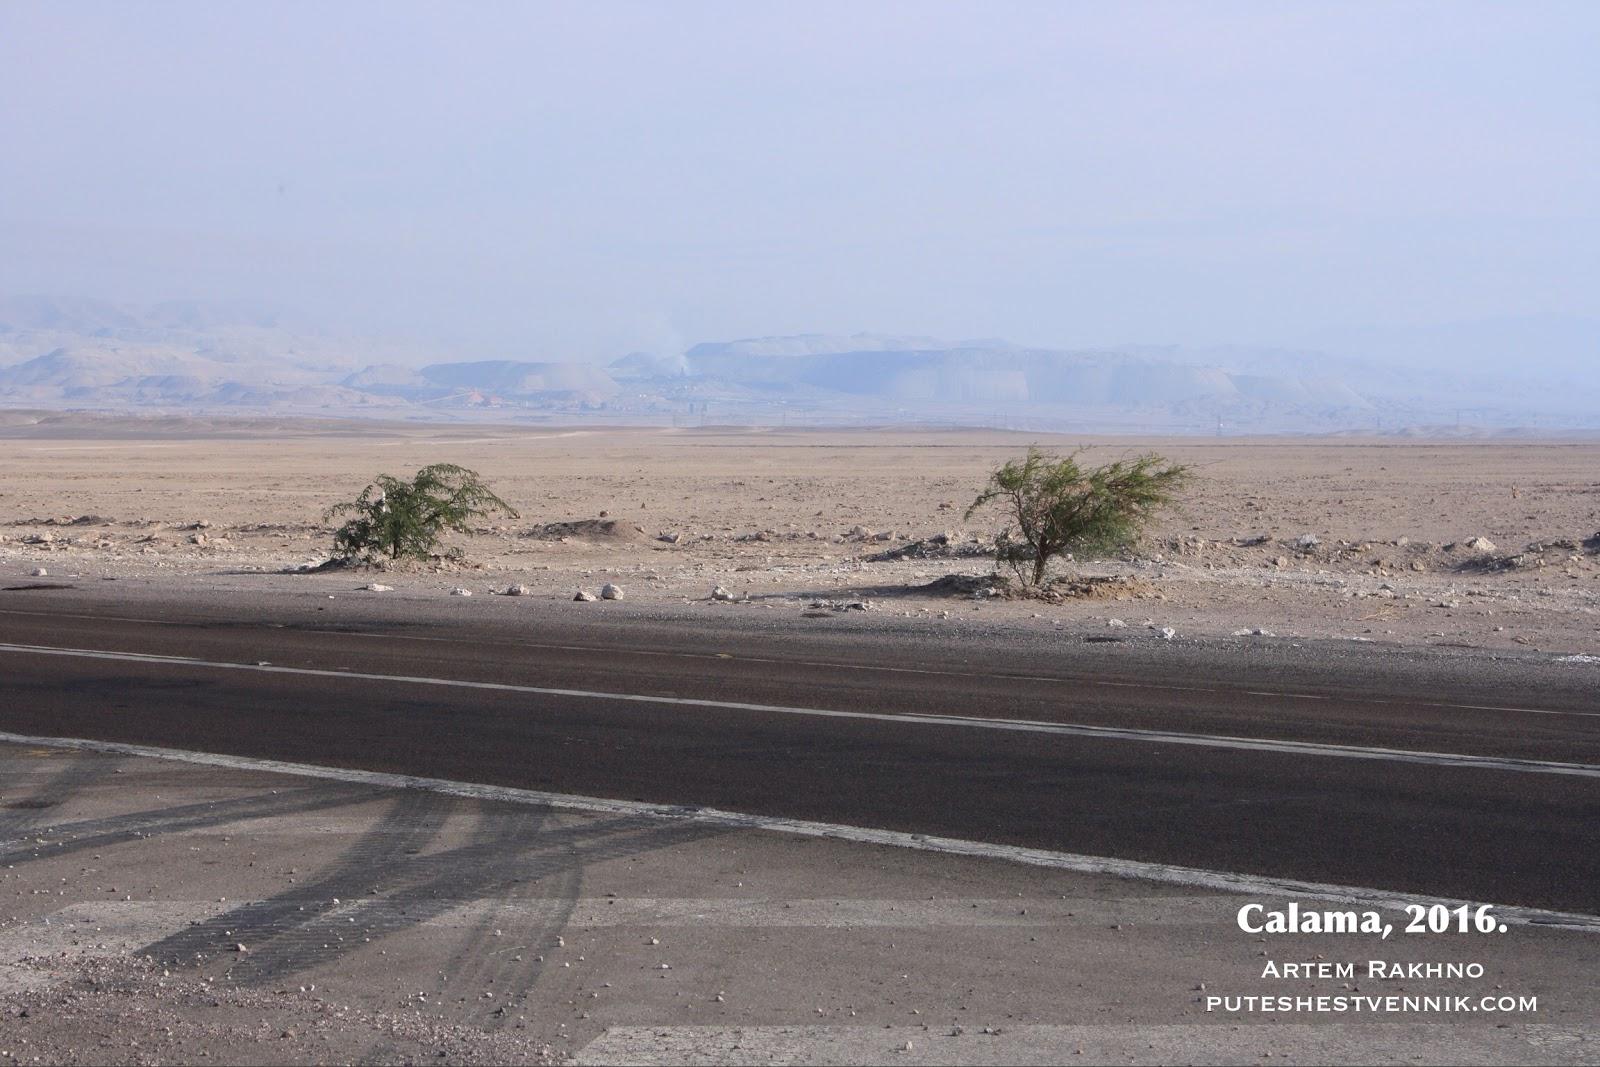 Асфальтовая дорога в пустыне Атакама